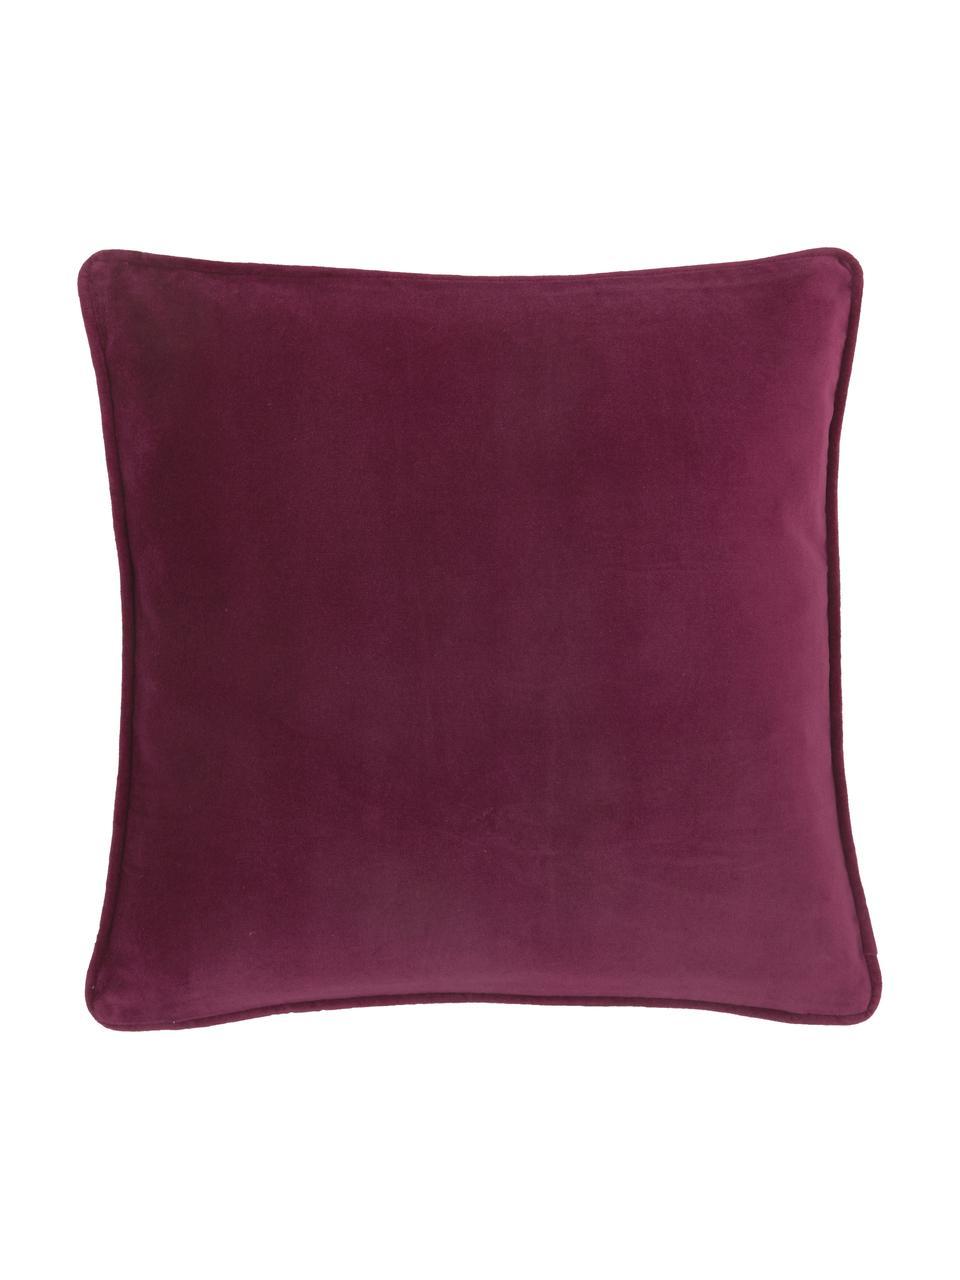 Federa arredo in velluto vino rosso Dana, 100% velluto di cotone, Vino rosso, Larg. 40 x Lung. 40 cm